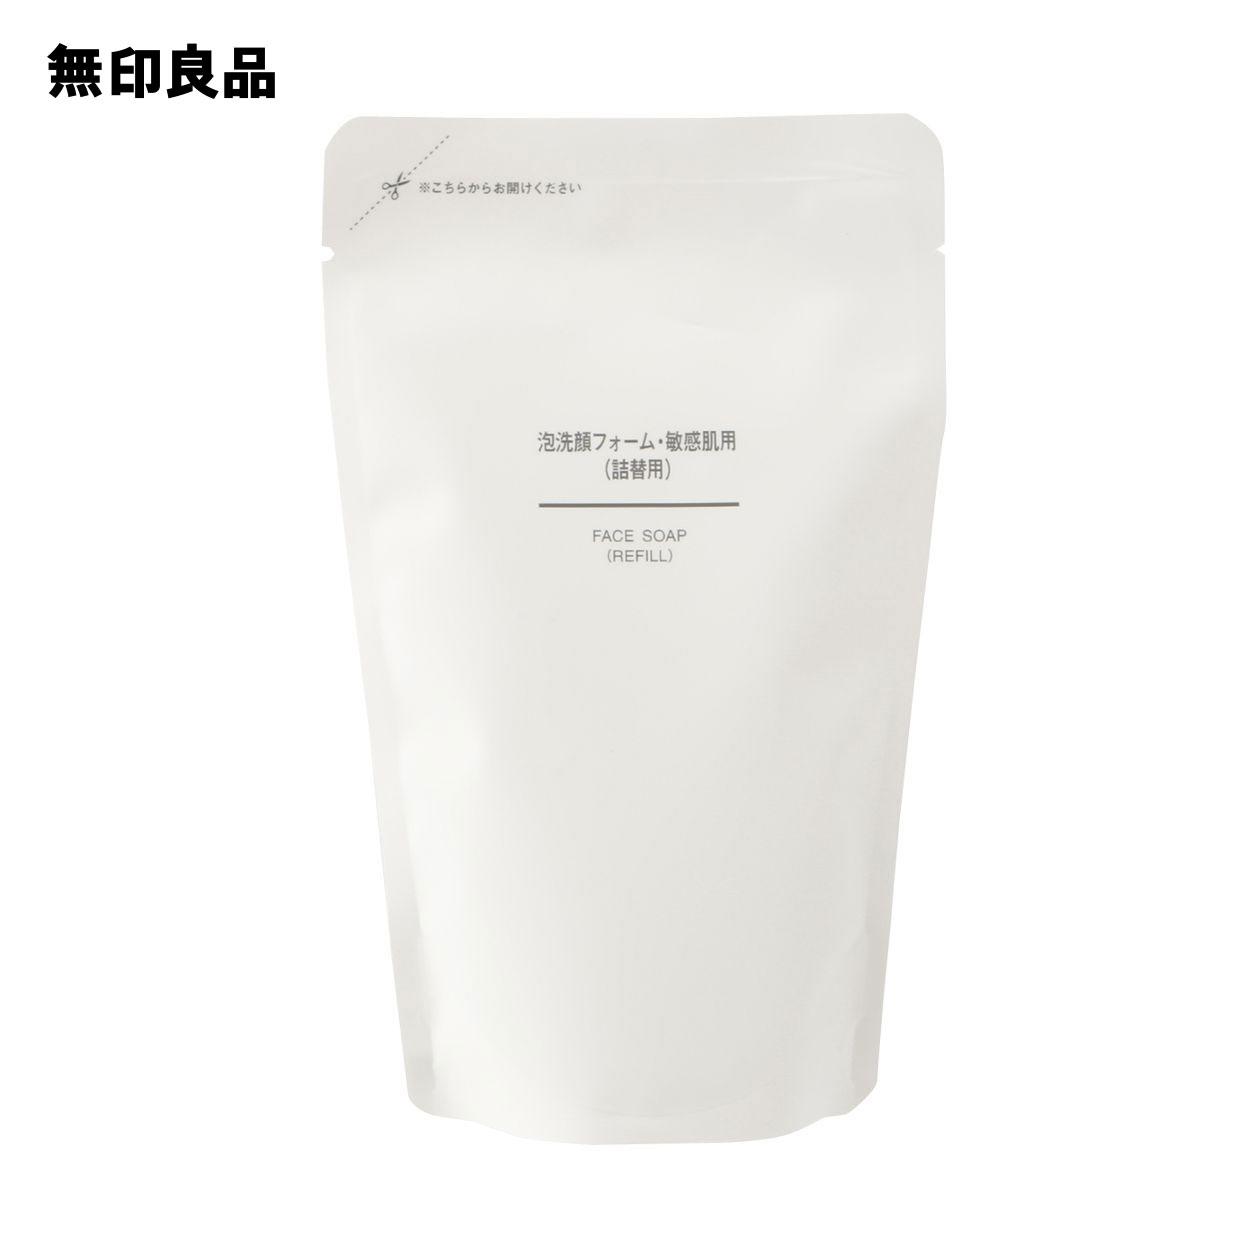 無印良品 公式 人気急上昇 推奨 泡洗顔フォーム 敏感肌用 詰替用 180ml